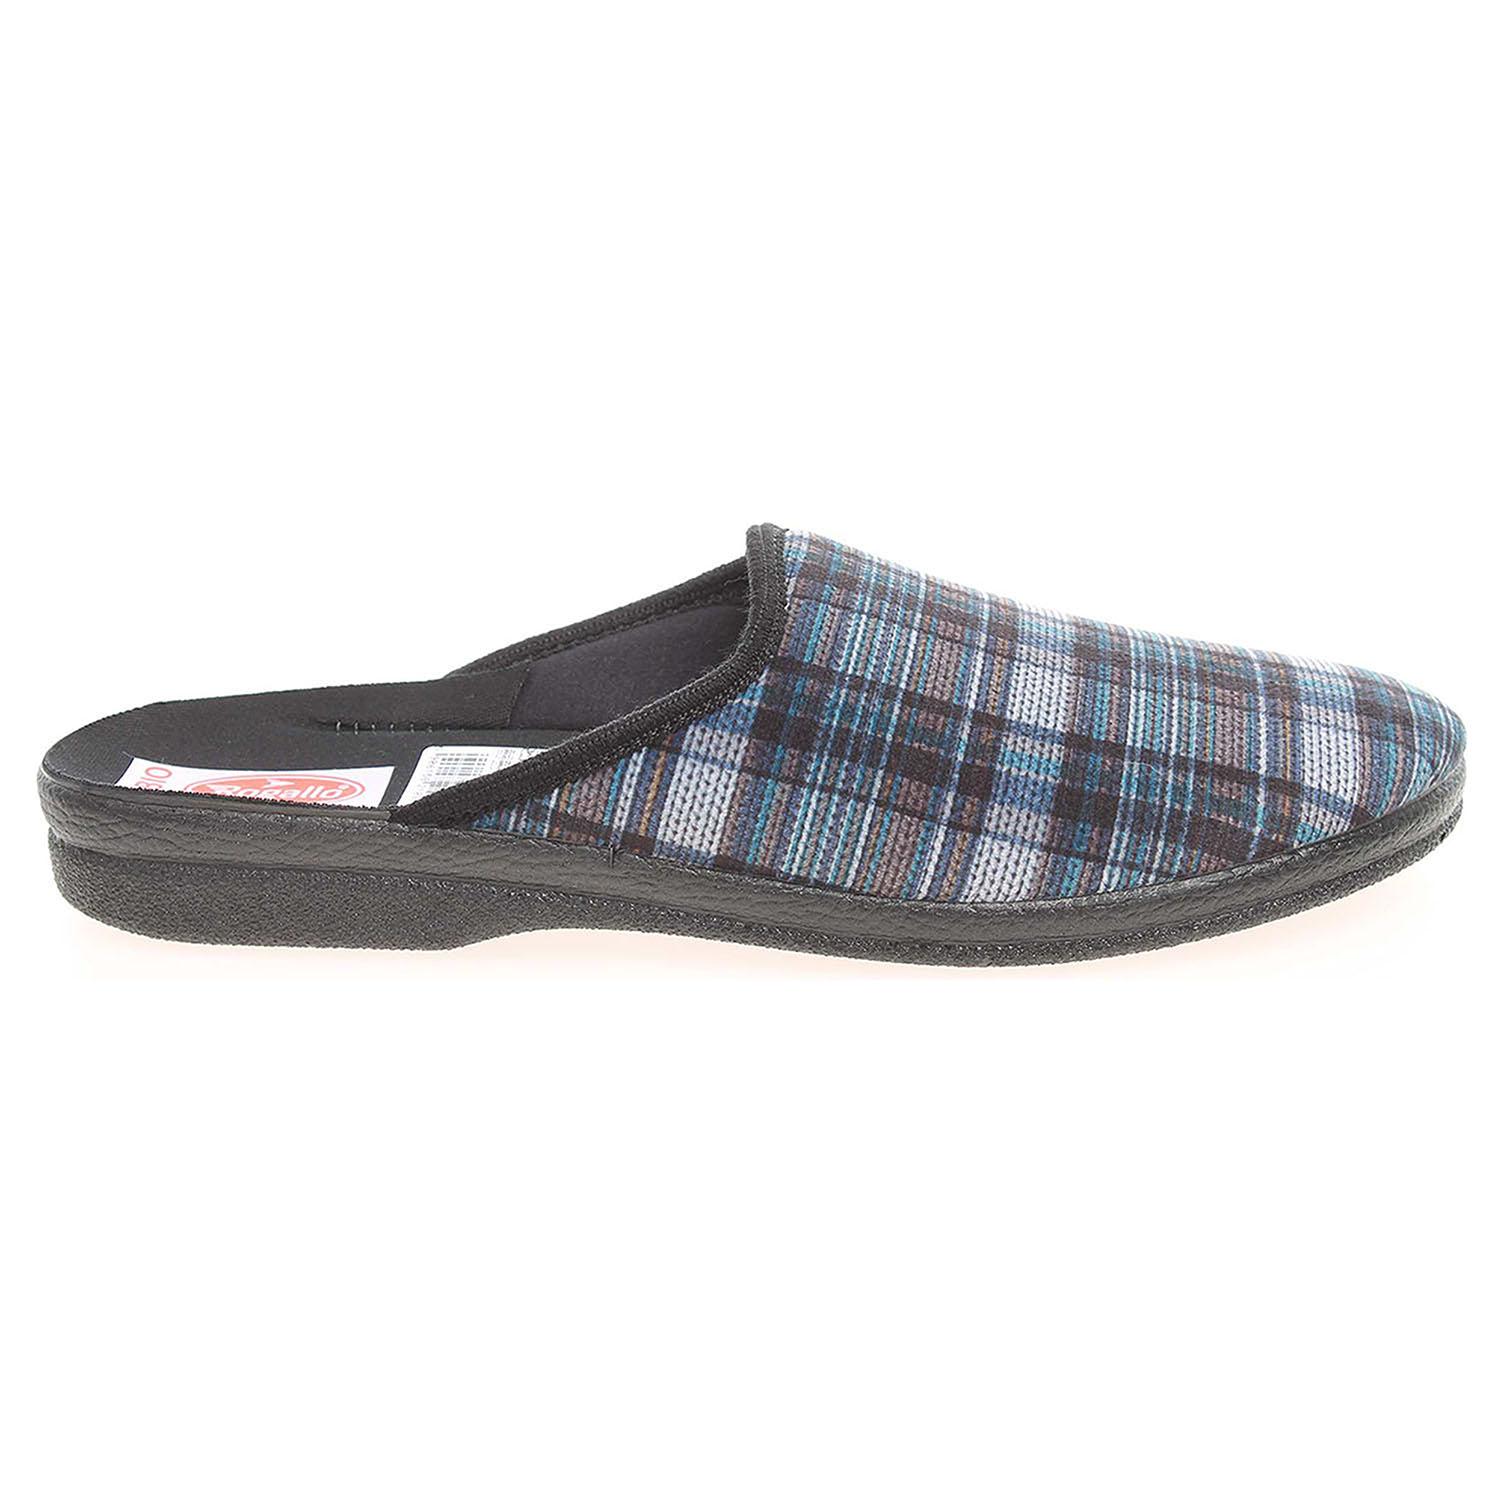 Rogallo pánské domácí pantofle 21091 modré 42